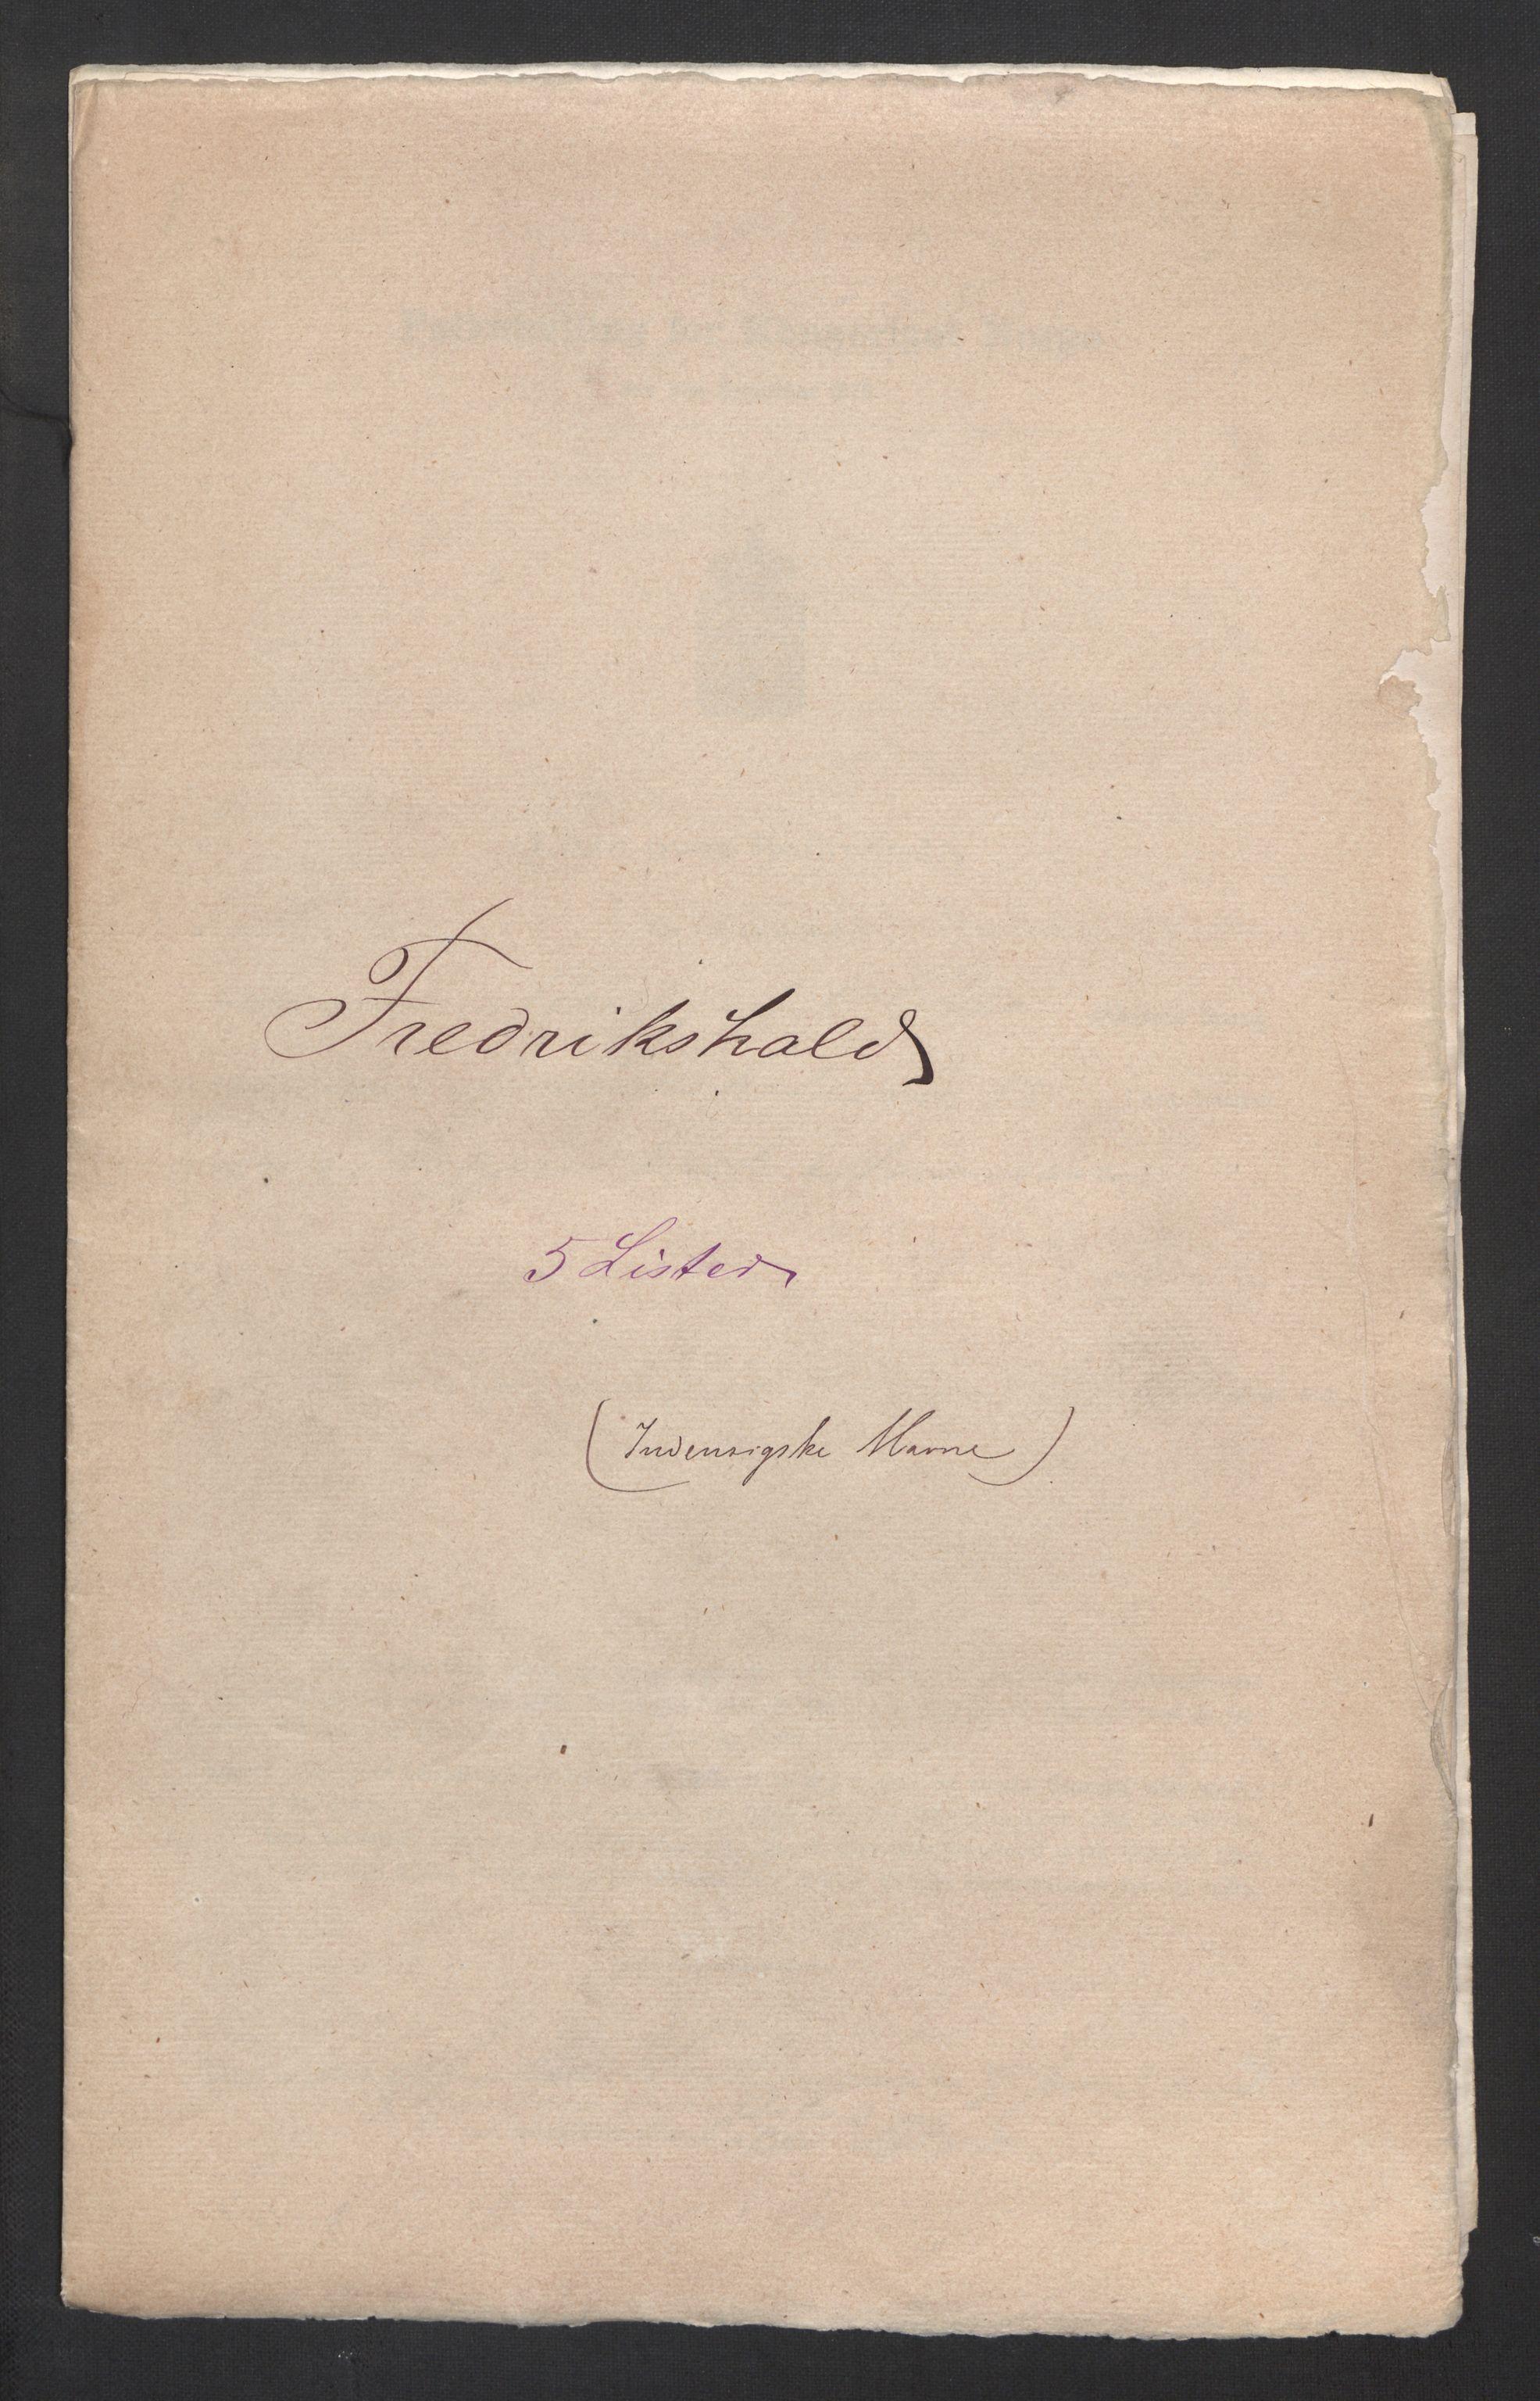 SAKO, Folketelling 1875, skipslister: Skip i innenrikske havner, hjemmehørende i byer og ladesteder, 1875